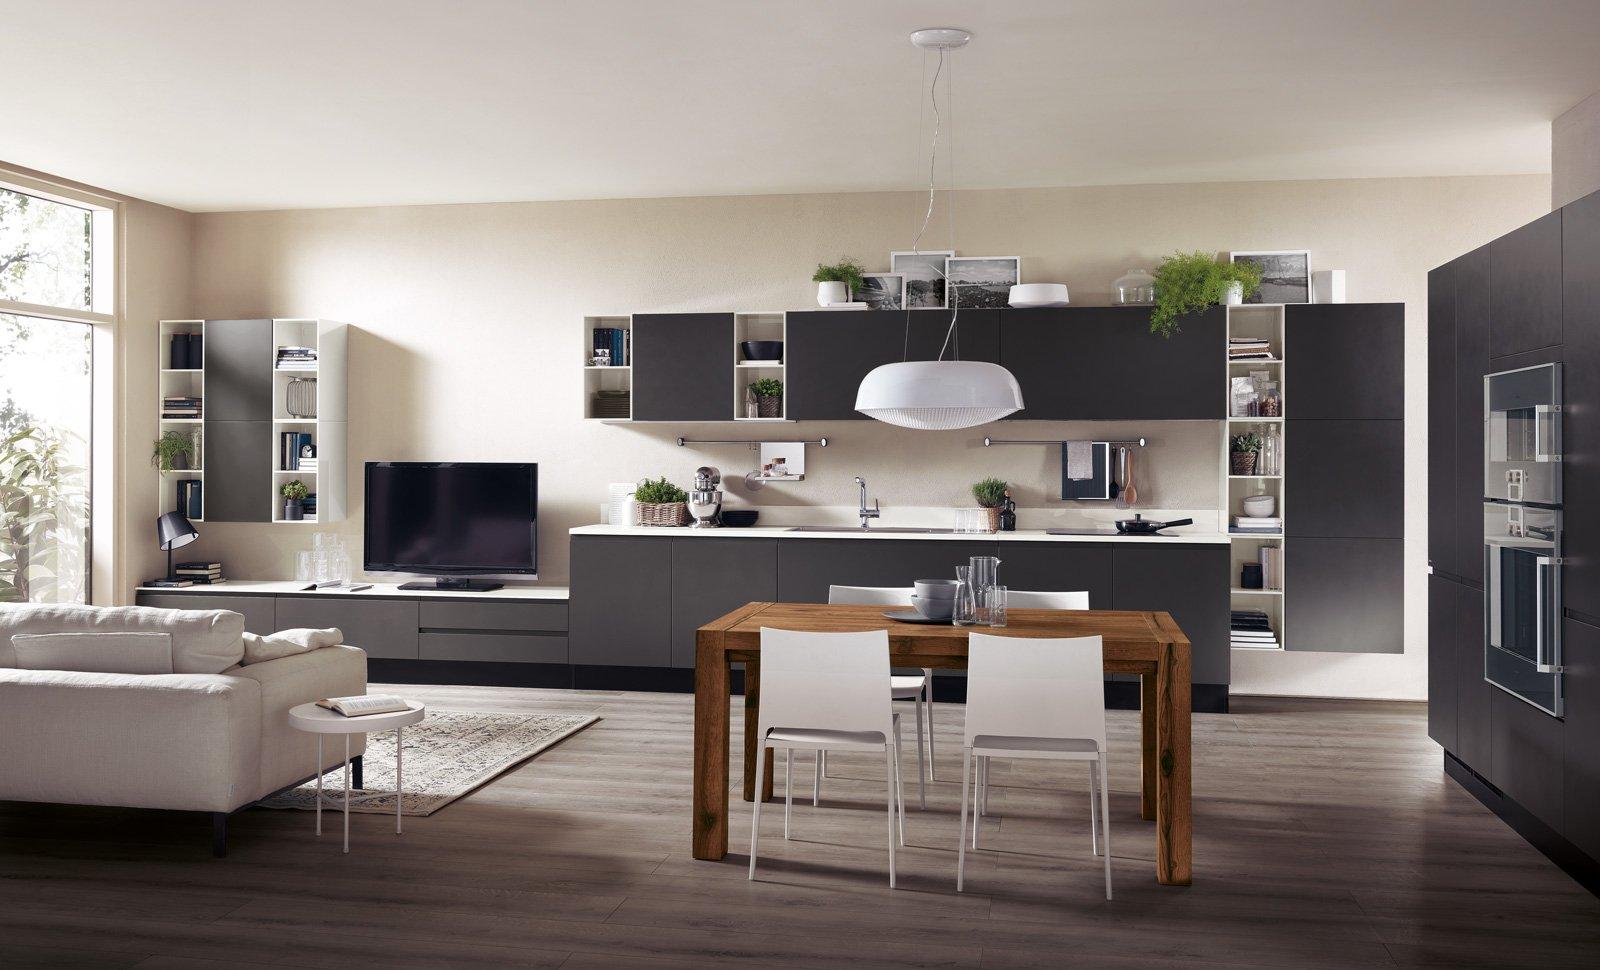 Cucine a vista per il loft nel soggiorno open space for Soggiorno cucina open space